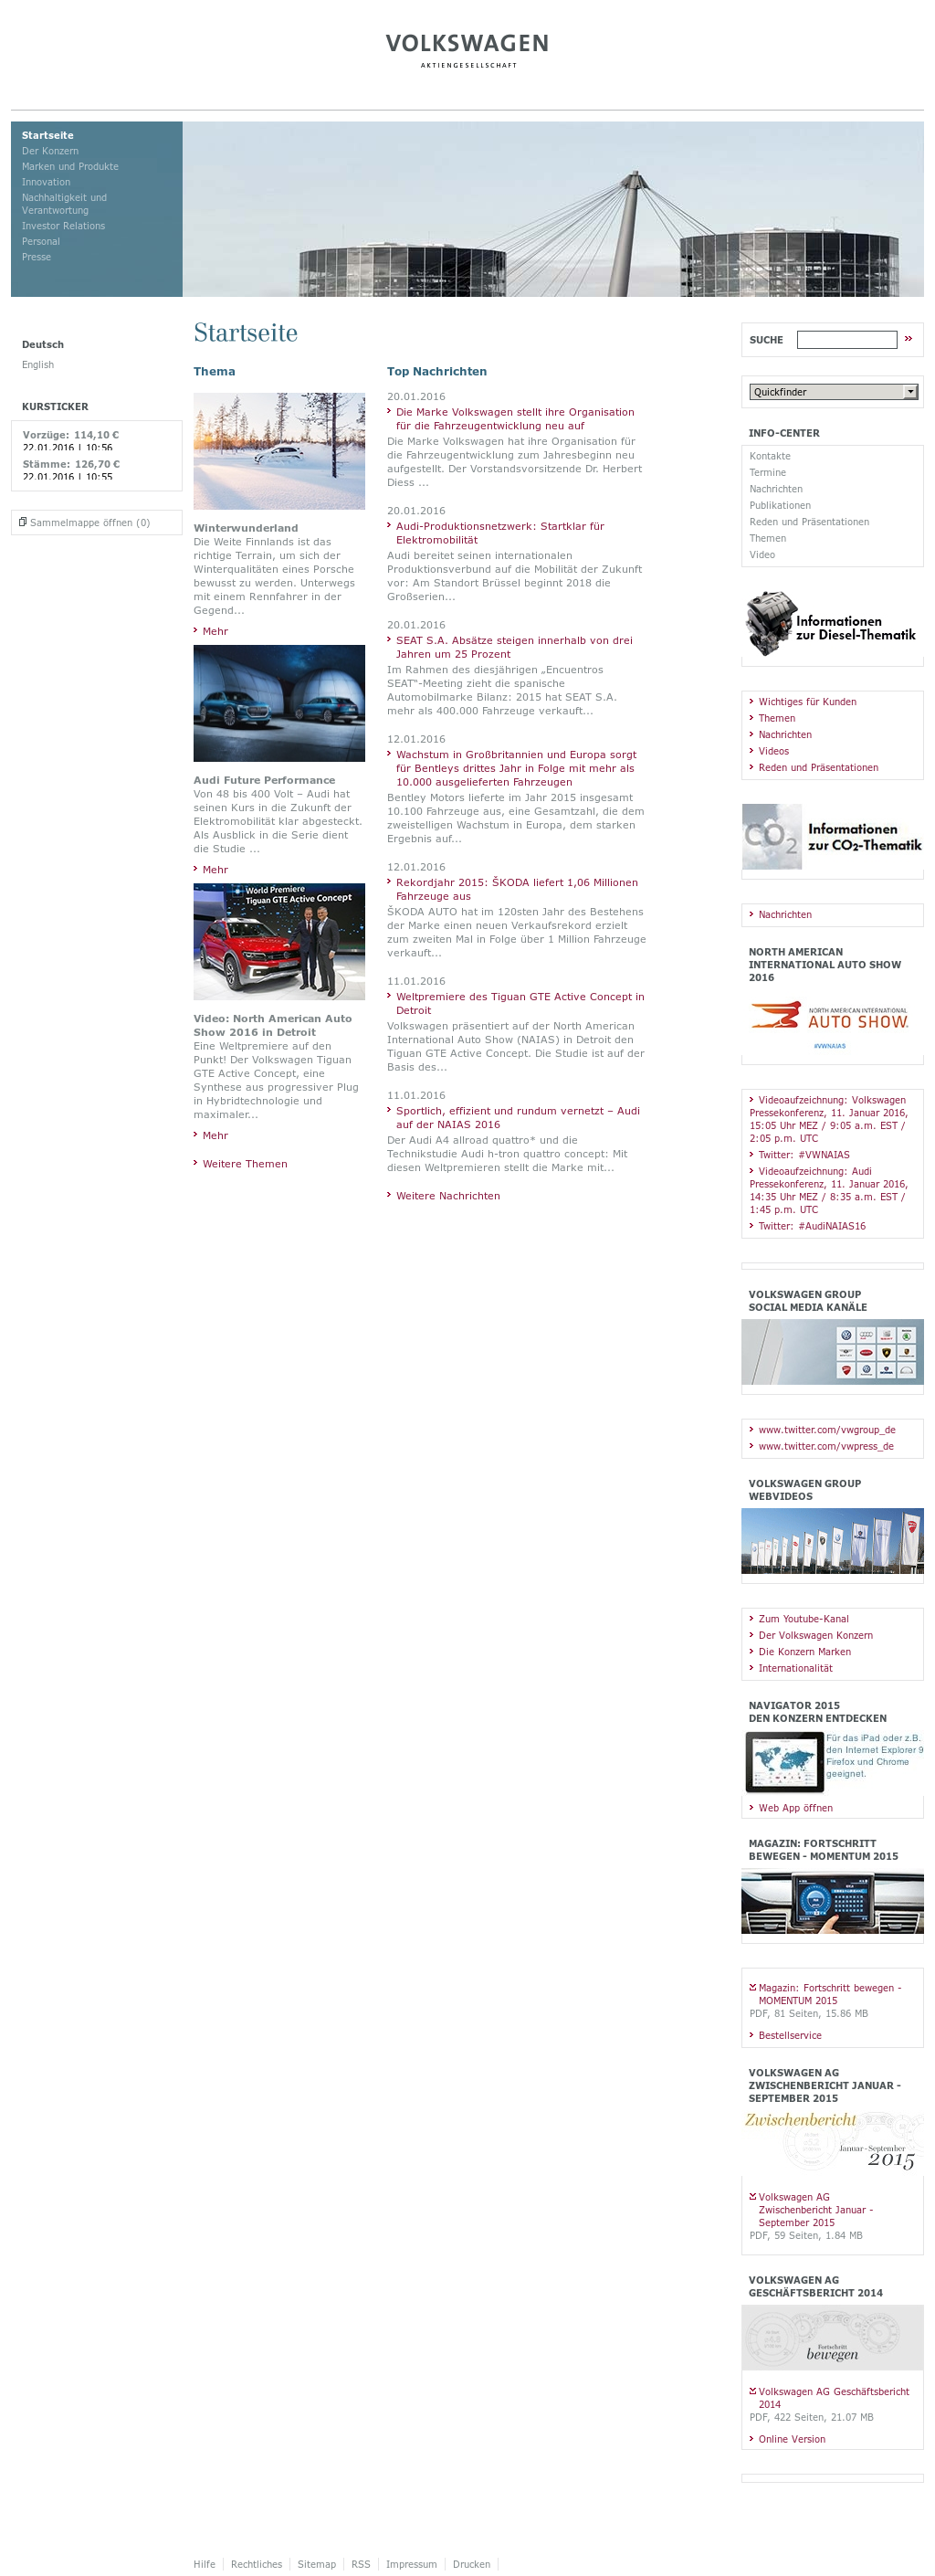 Tolle Europa Internationalen Rahmen Fotos - Benutzerdefinierte ...